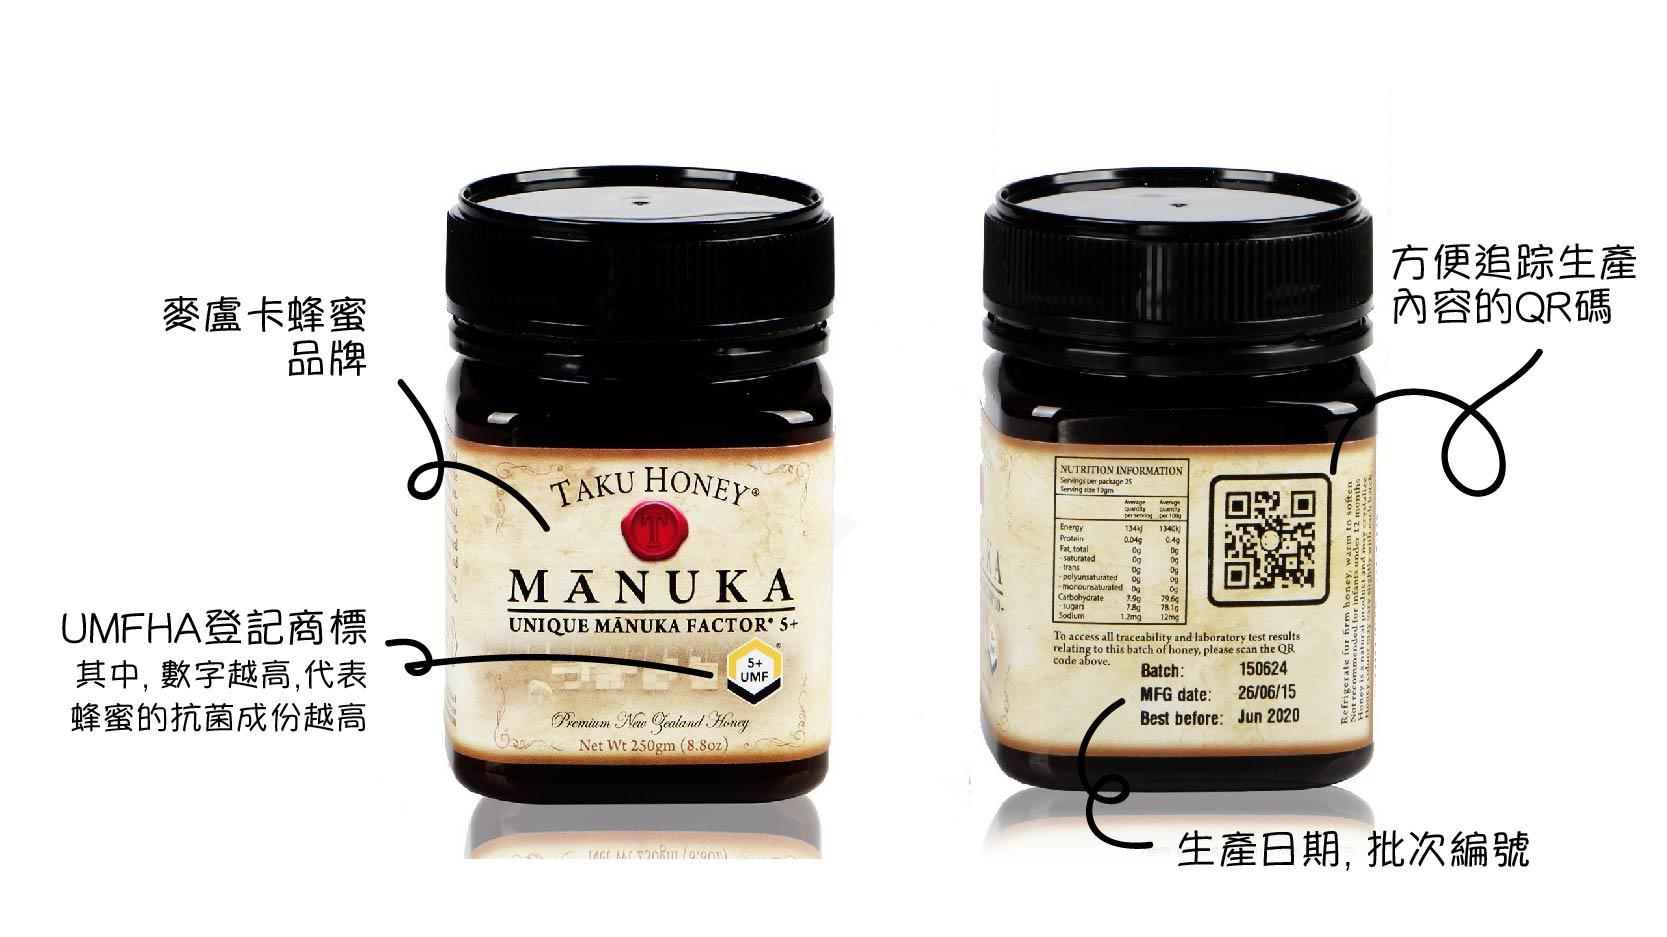 UMF Registered Manuka Honey UMFHA 麥盧卡蜂蜜協會註冊商標